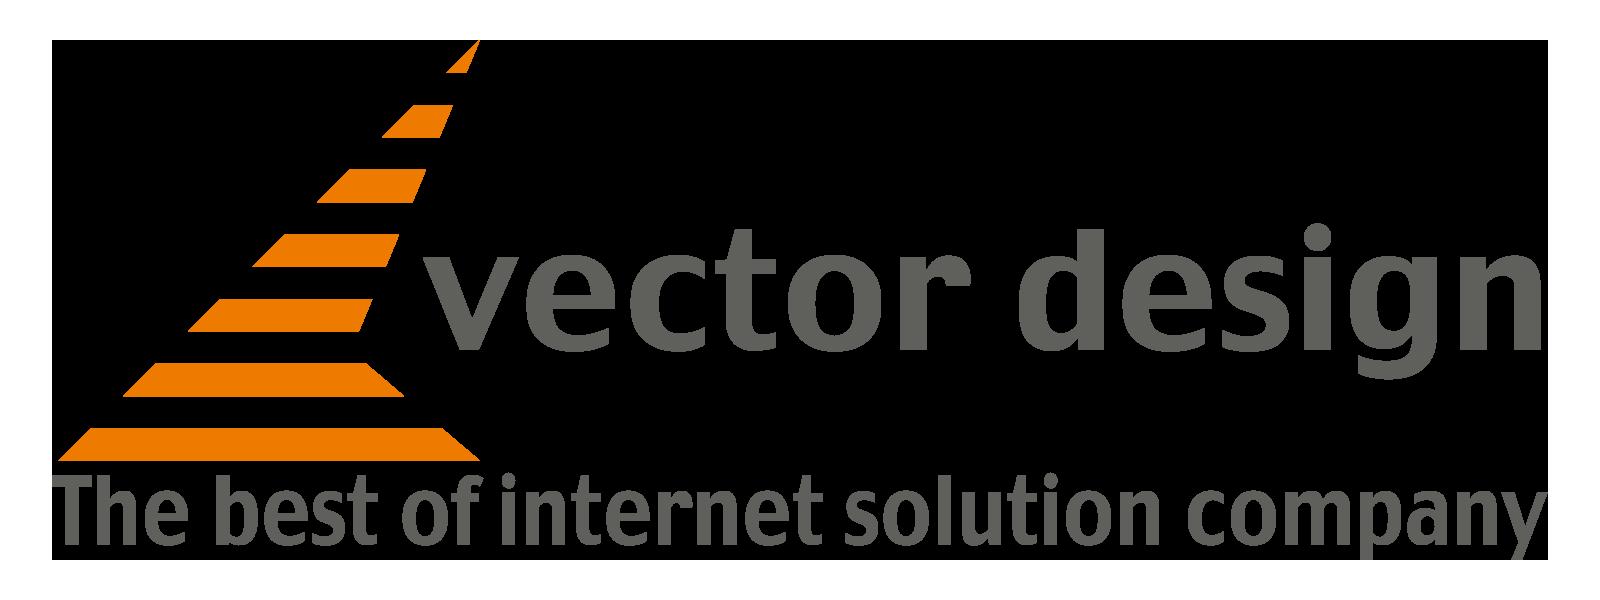 株式会社ベクターデザイン Vector Design Inc.